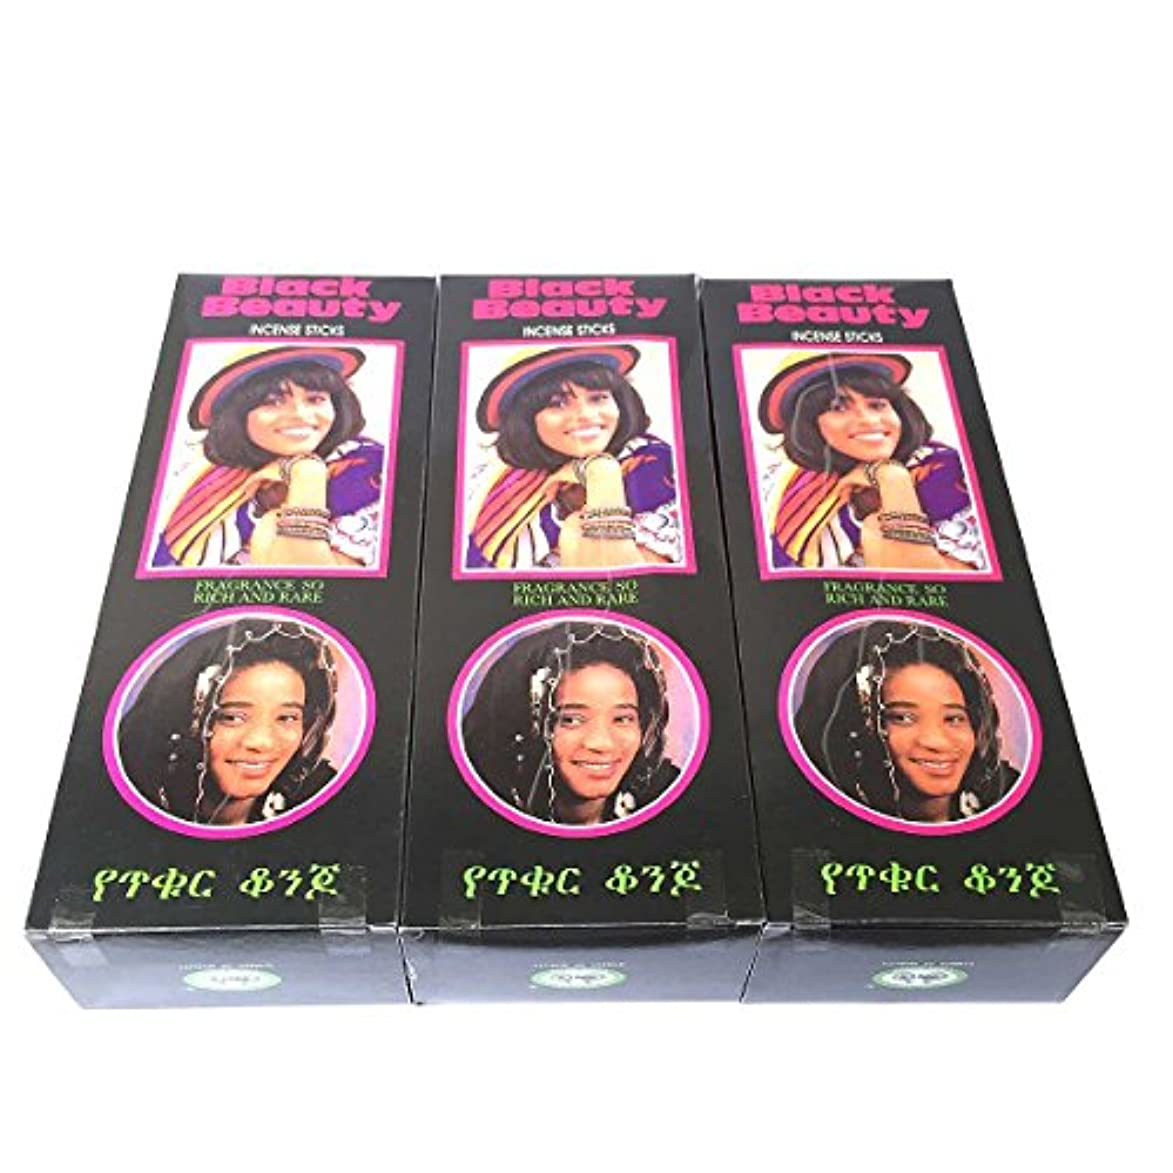 遺棄されたチャーター強風ブラックビューティー香スティック 3BOX(18箱) /CYCLE BLACK BEAUTY/インセンス/インド香 お香 [並行輸入品]